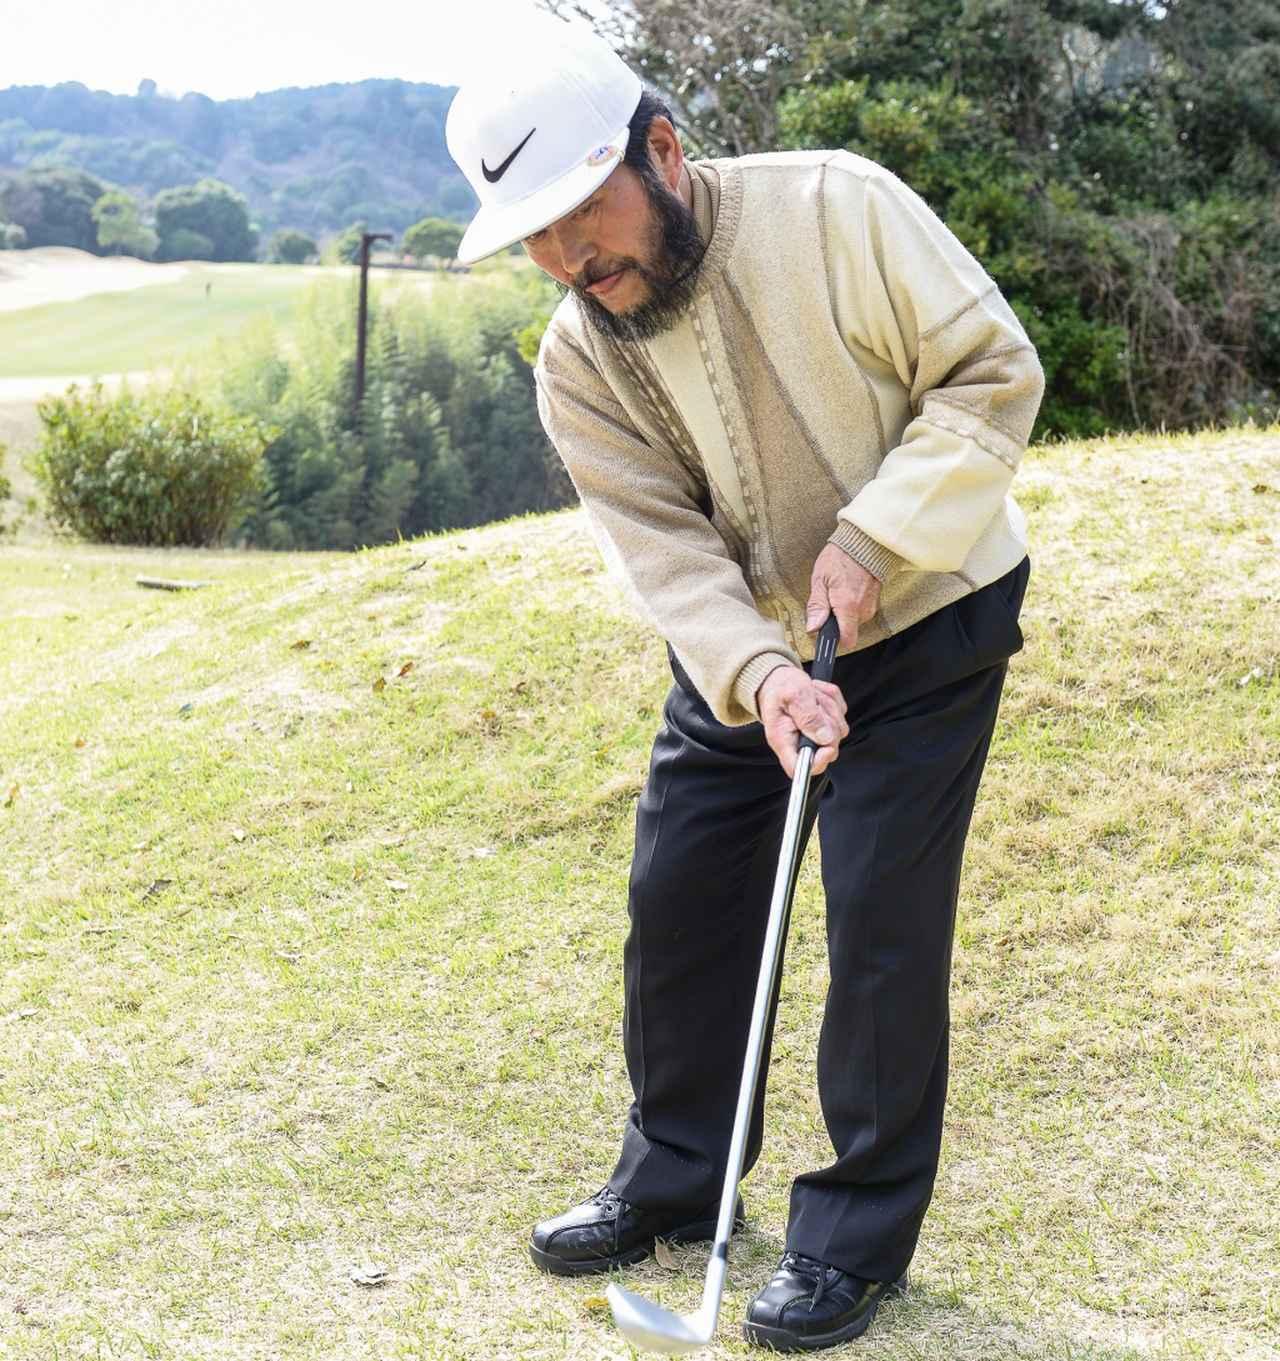 画像: 実戦でも試してOK! スプリットハンドでピンに寄せよう【10本で握る テンフィンガースウィング #23】 - みんなのゴルフダイジェスト